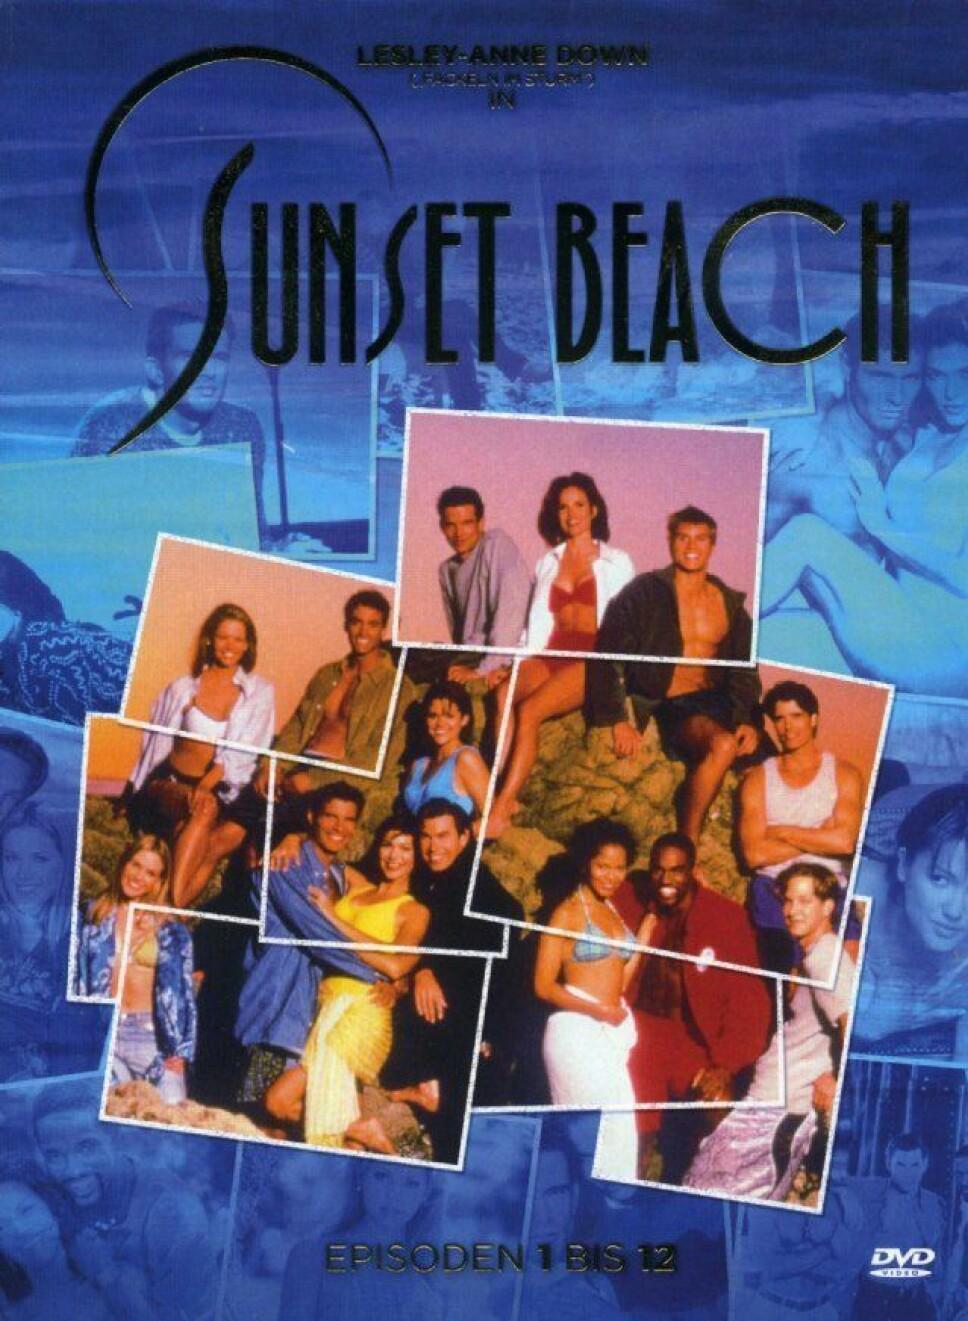 SUNSET BEACH: Mange husker denne serien, ikke nødvendigvis på grunn av handlingen, men alle de snåle vendingene plottet tok.